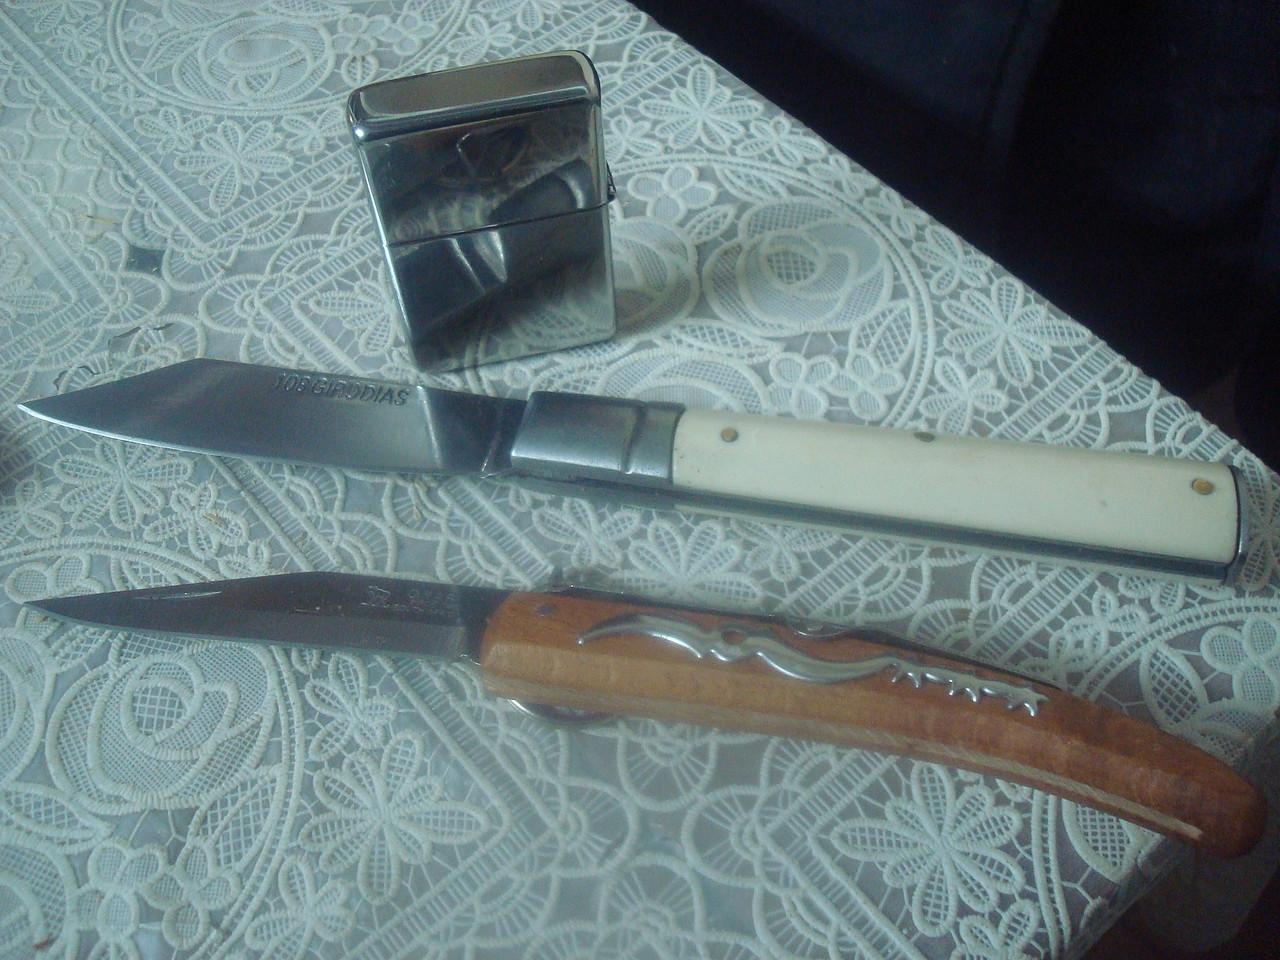 Foro armas blancas cuchillos navajas y m s dos regalos de africa navajas - Navajas buenas ...